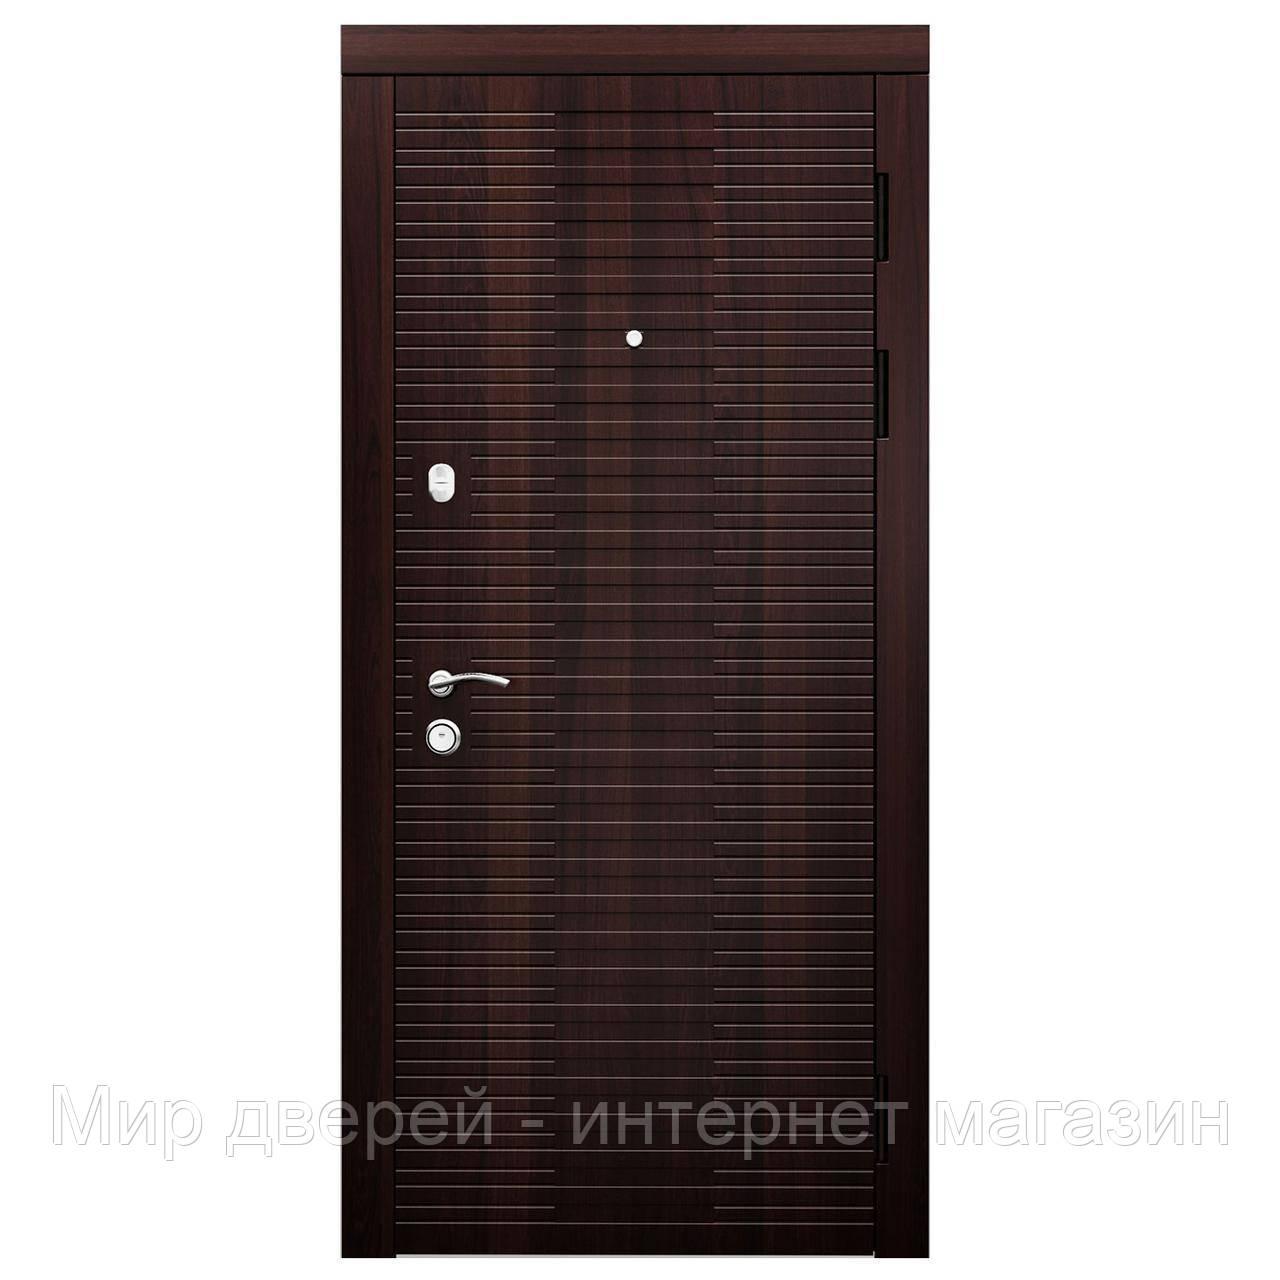 Двери входные KASKAD MODERN Лофт Элит 140